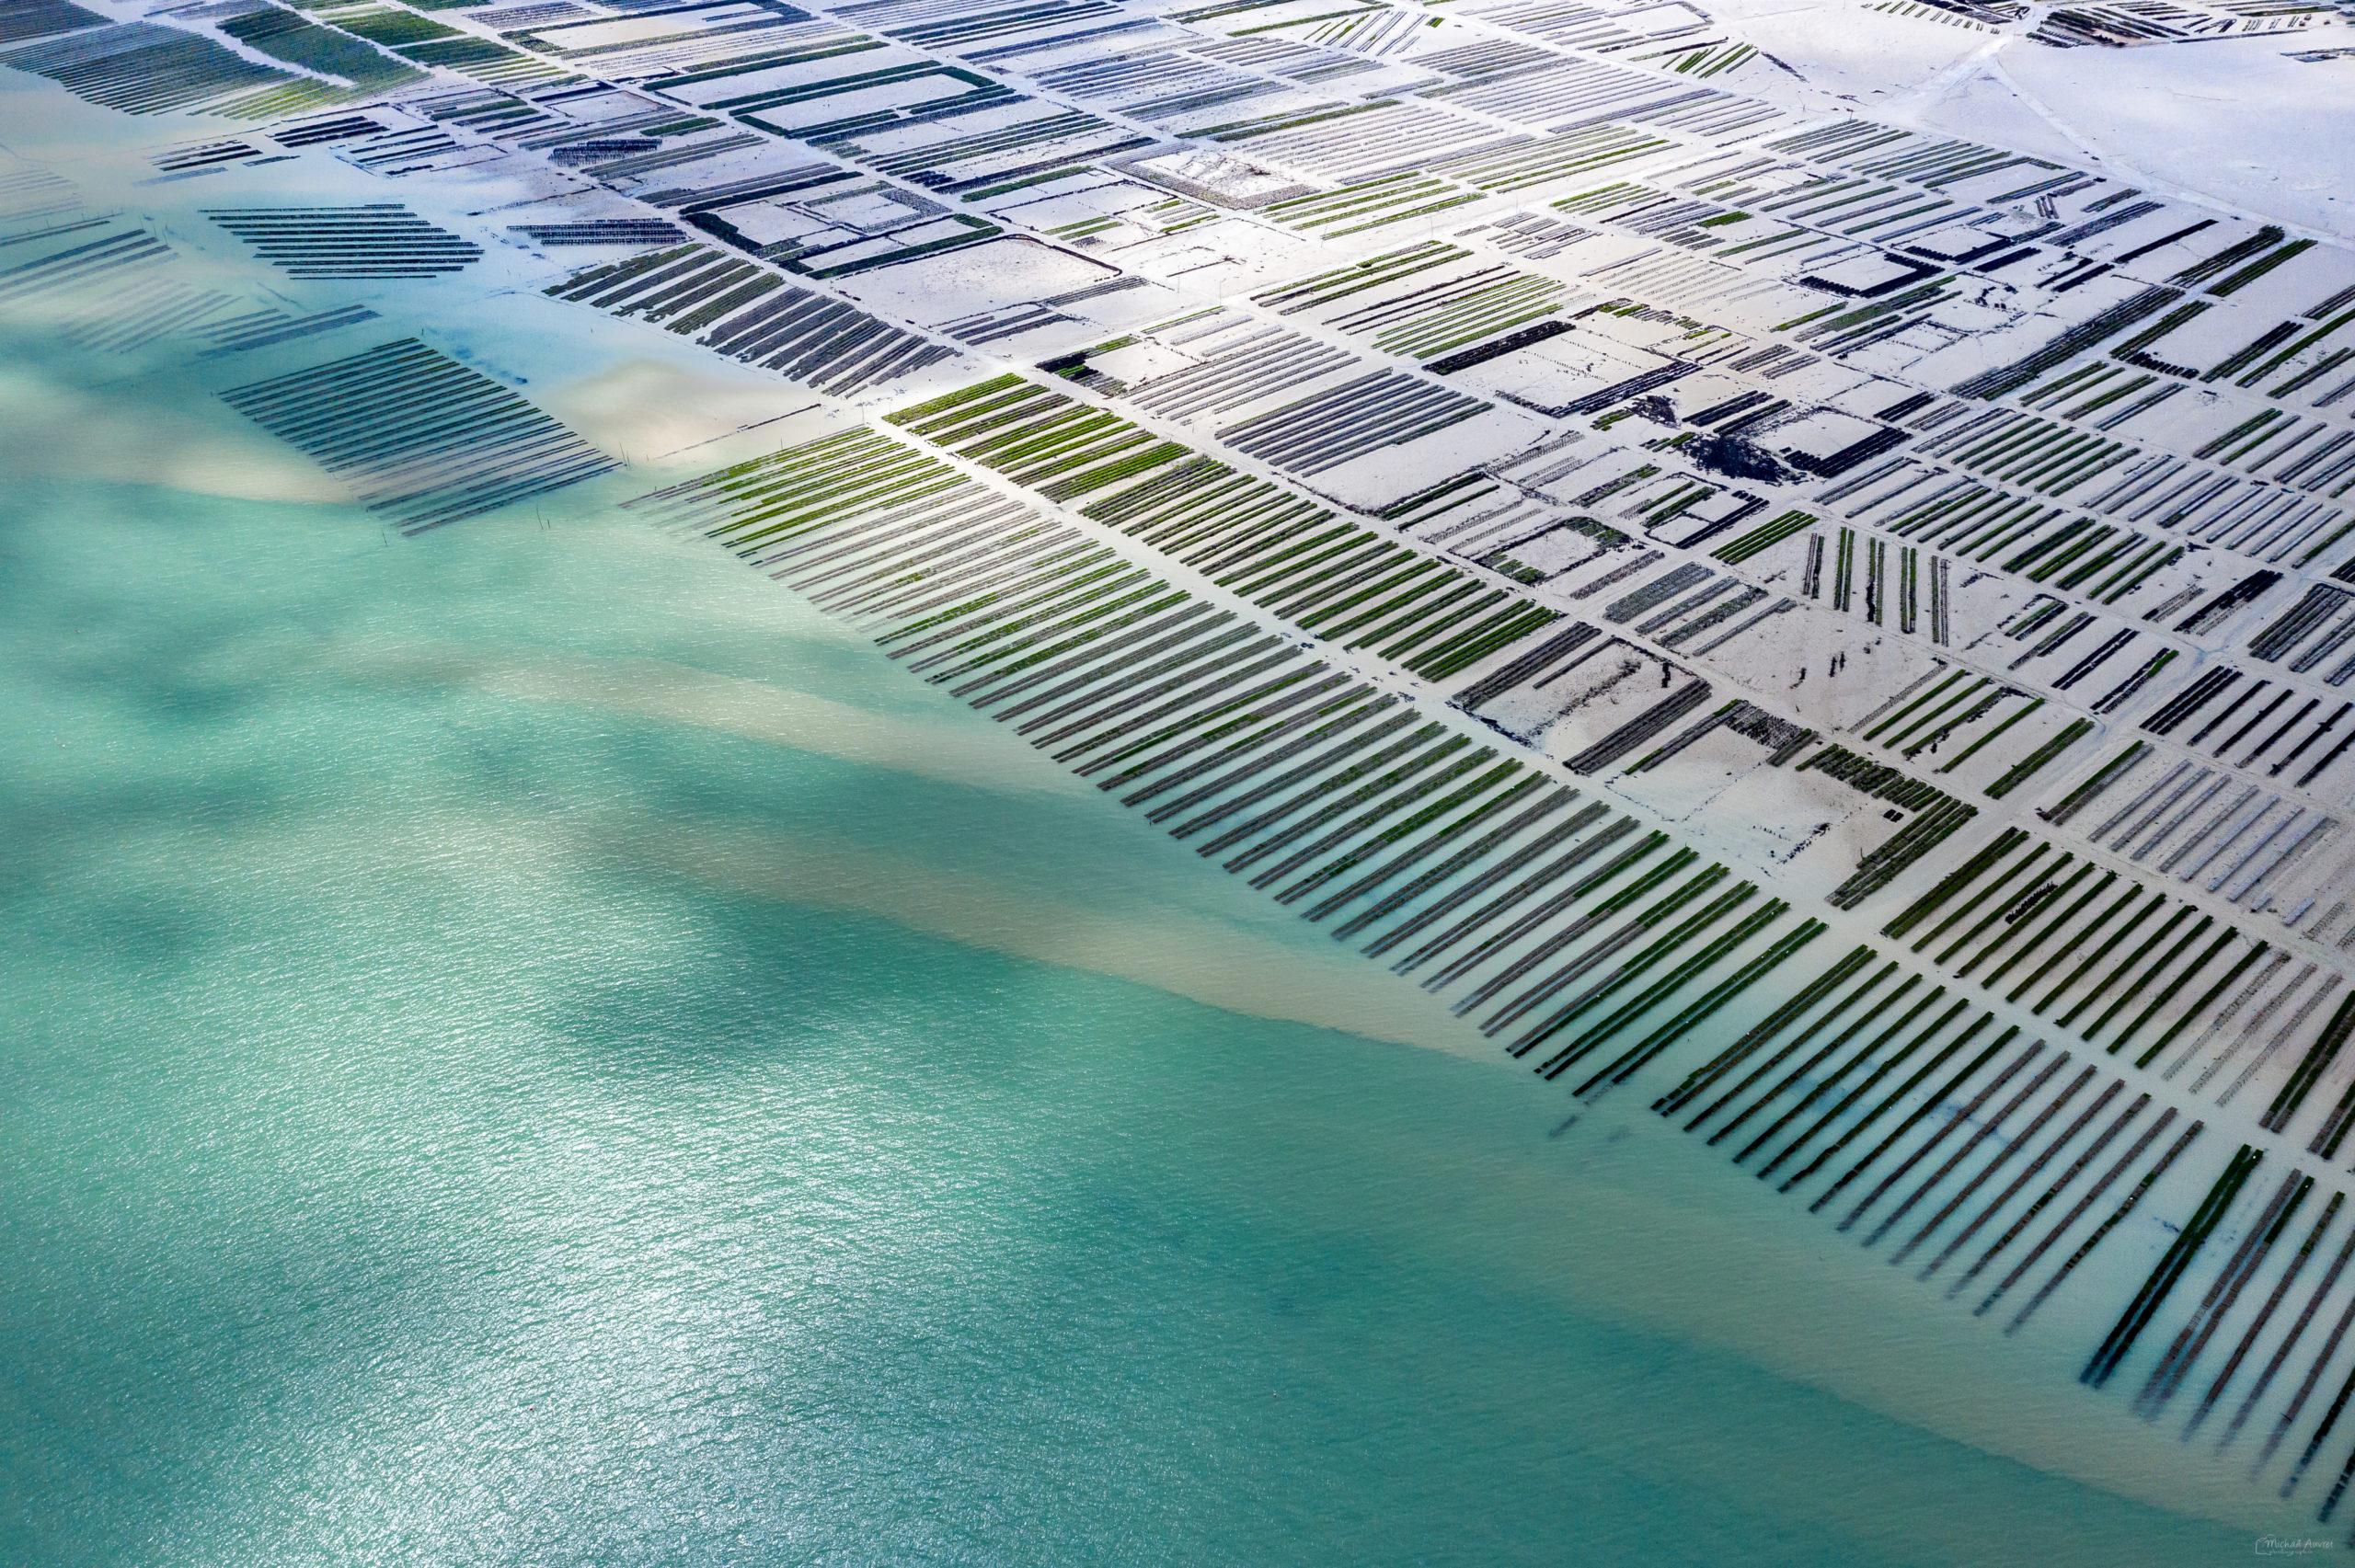 aérienne cancale la-houle port digue huitres baie mont-saint-michel